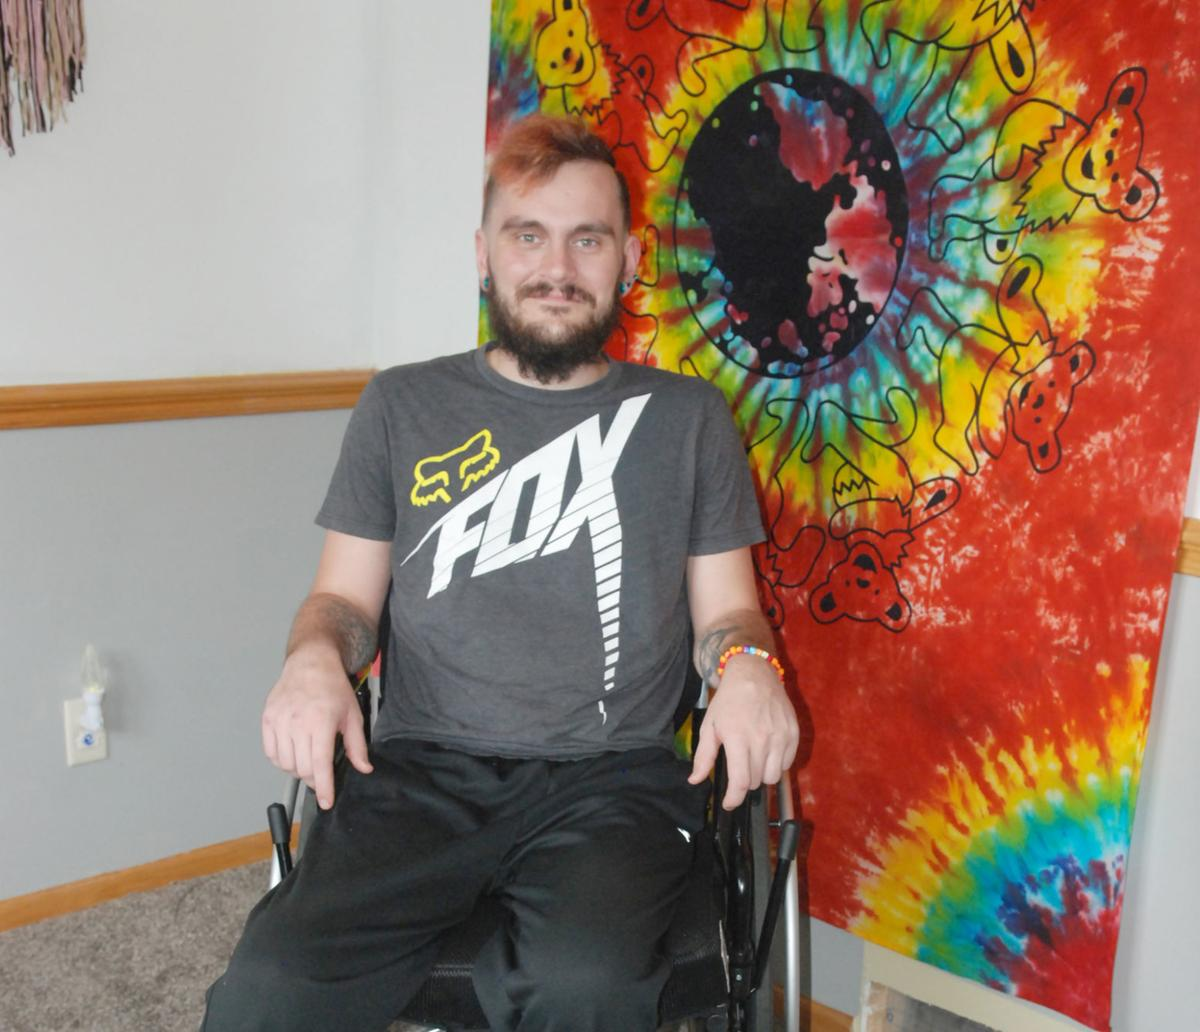 Man in chair near tie-dye wall hanging